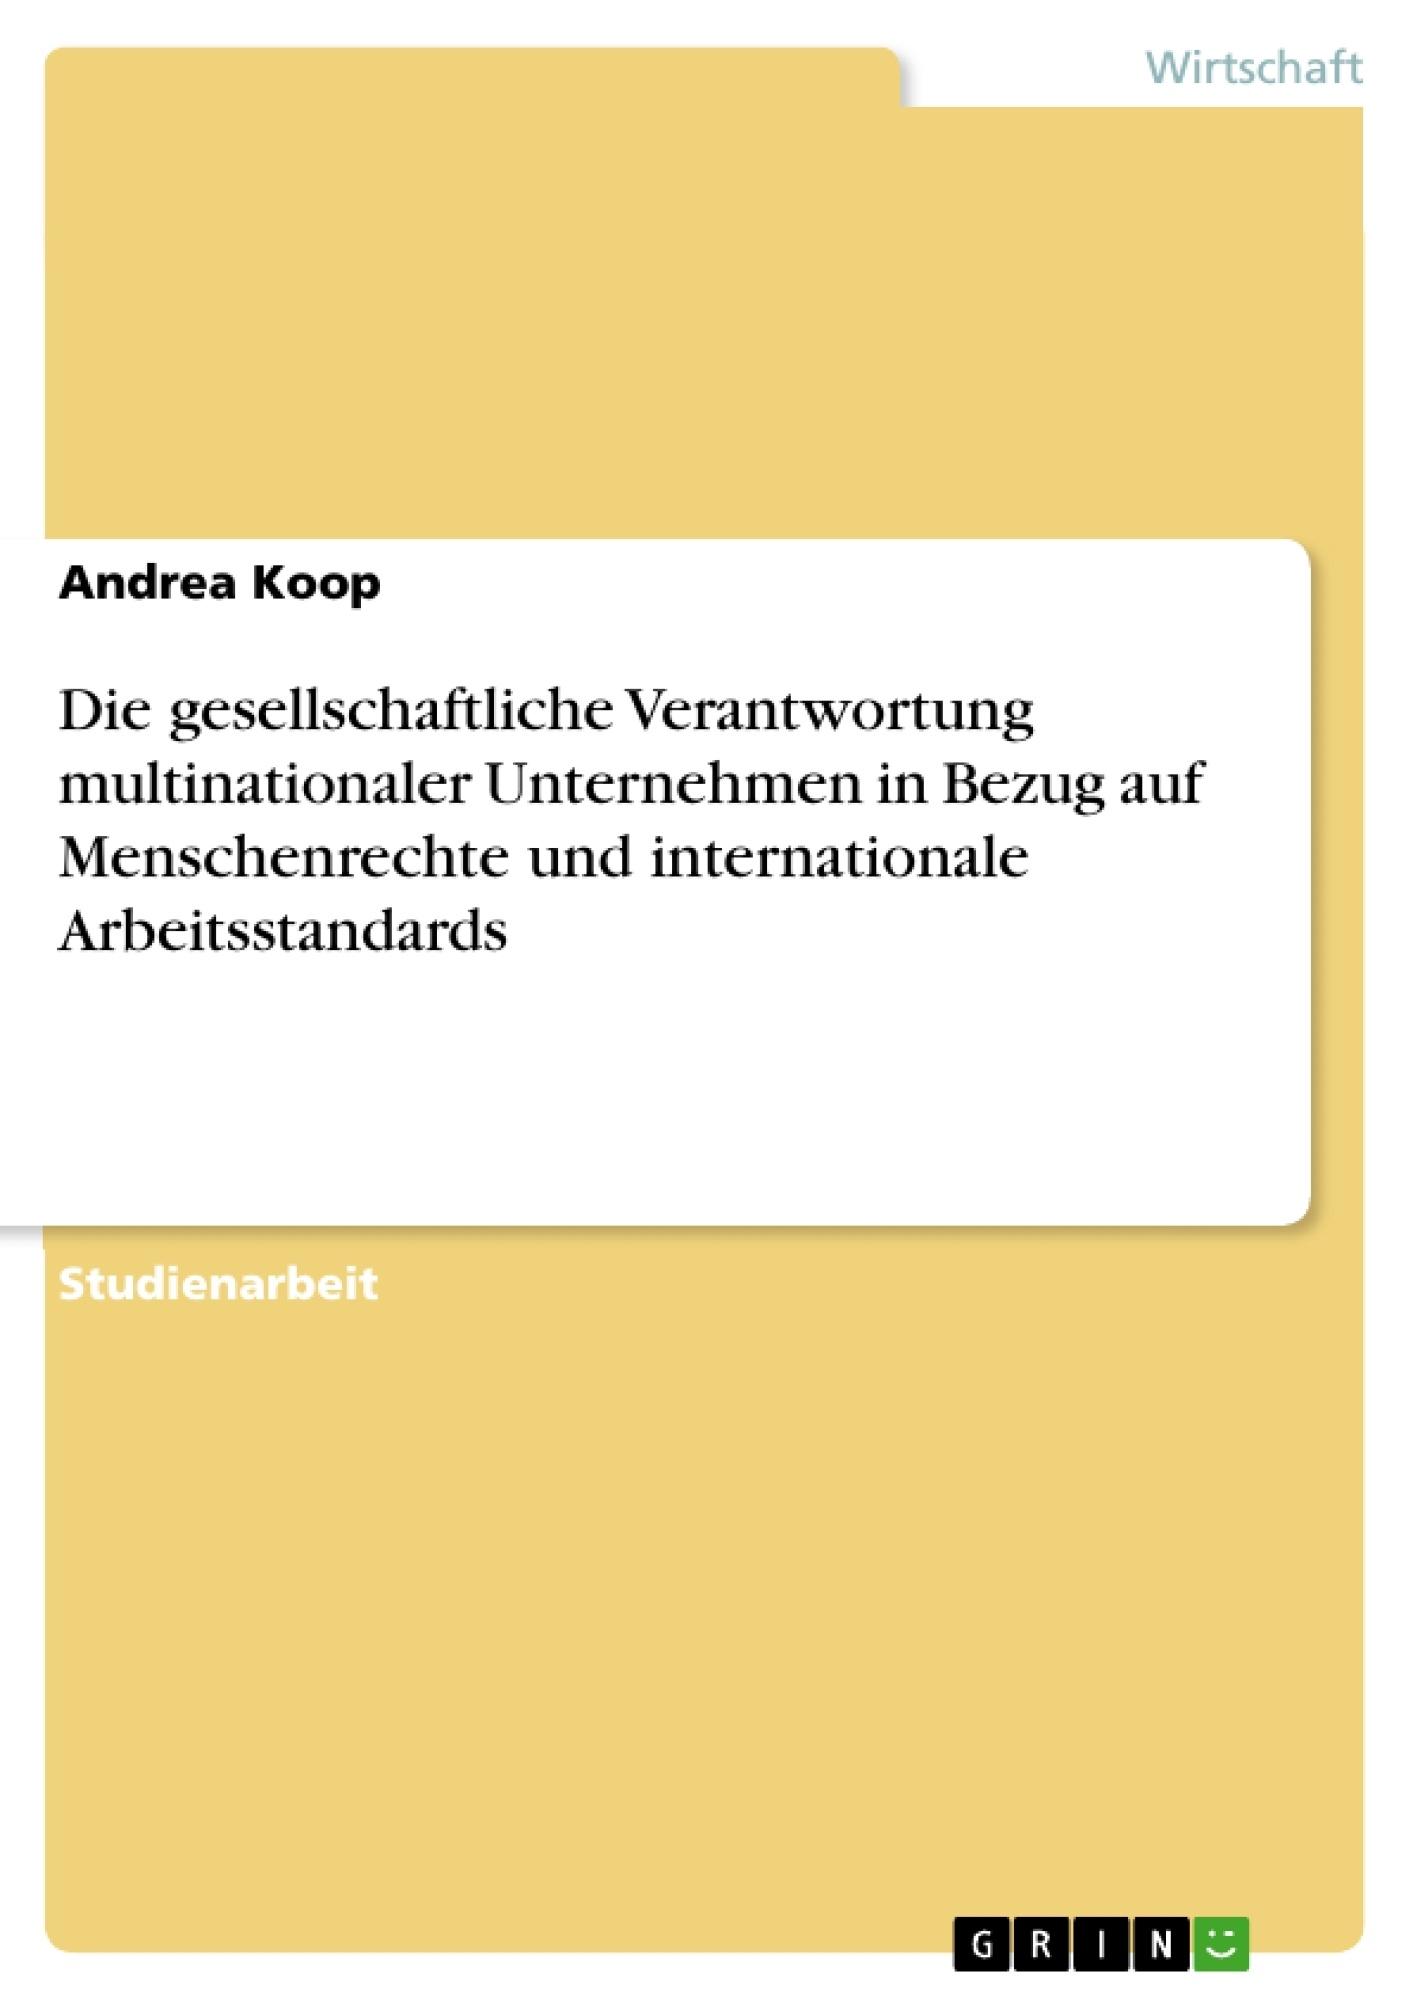 Titel: Die gesellschaftliche Verantwortung multinationaler Unternehmen in Bezug auf Menschenrechte und internationale Arbeitsstandards